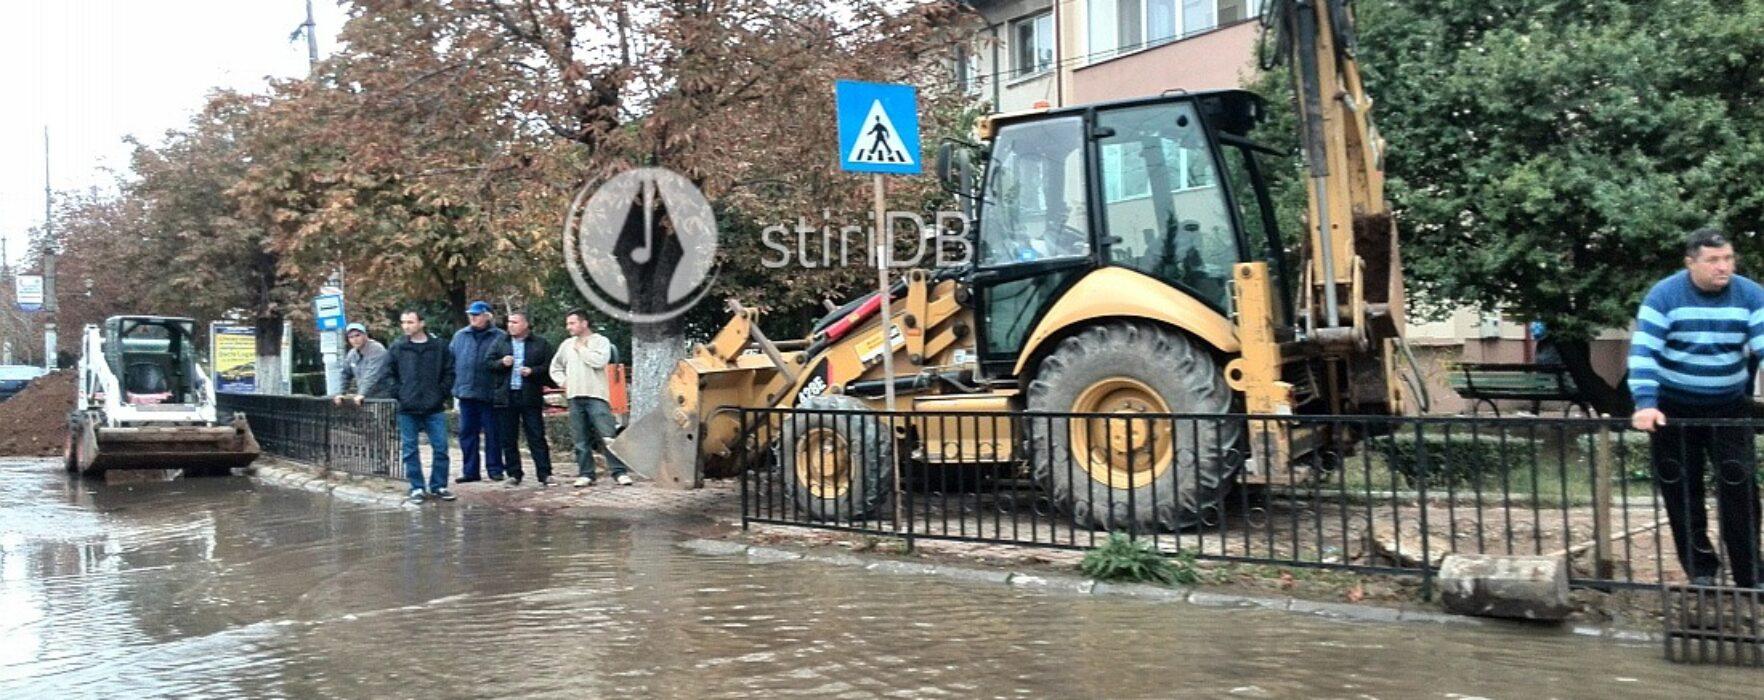 Târgovişte: Sens giratoriu, inundat din cauza unei conducte de apă sparte (video)